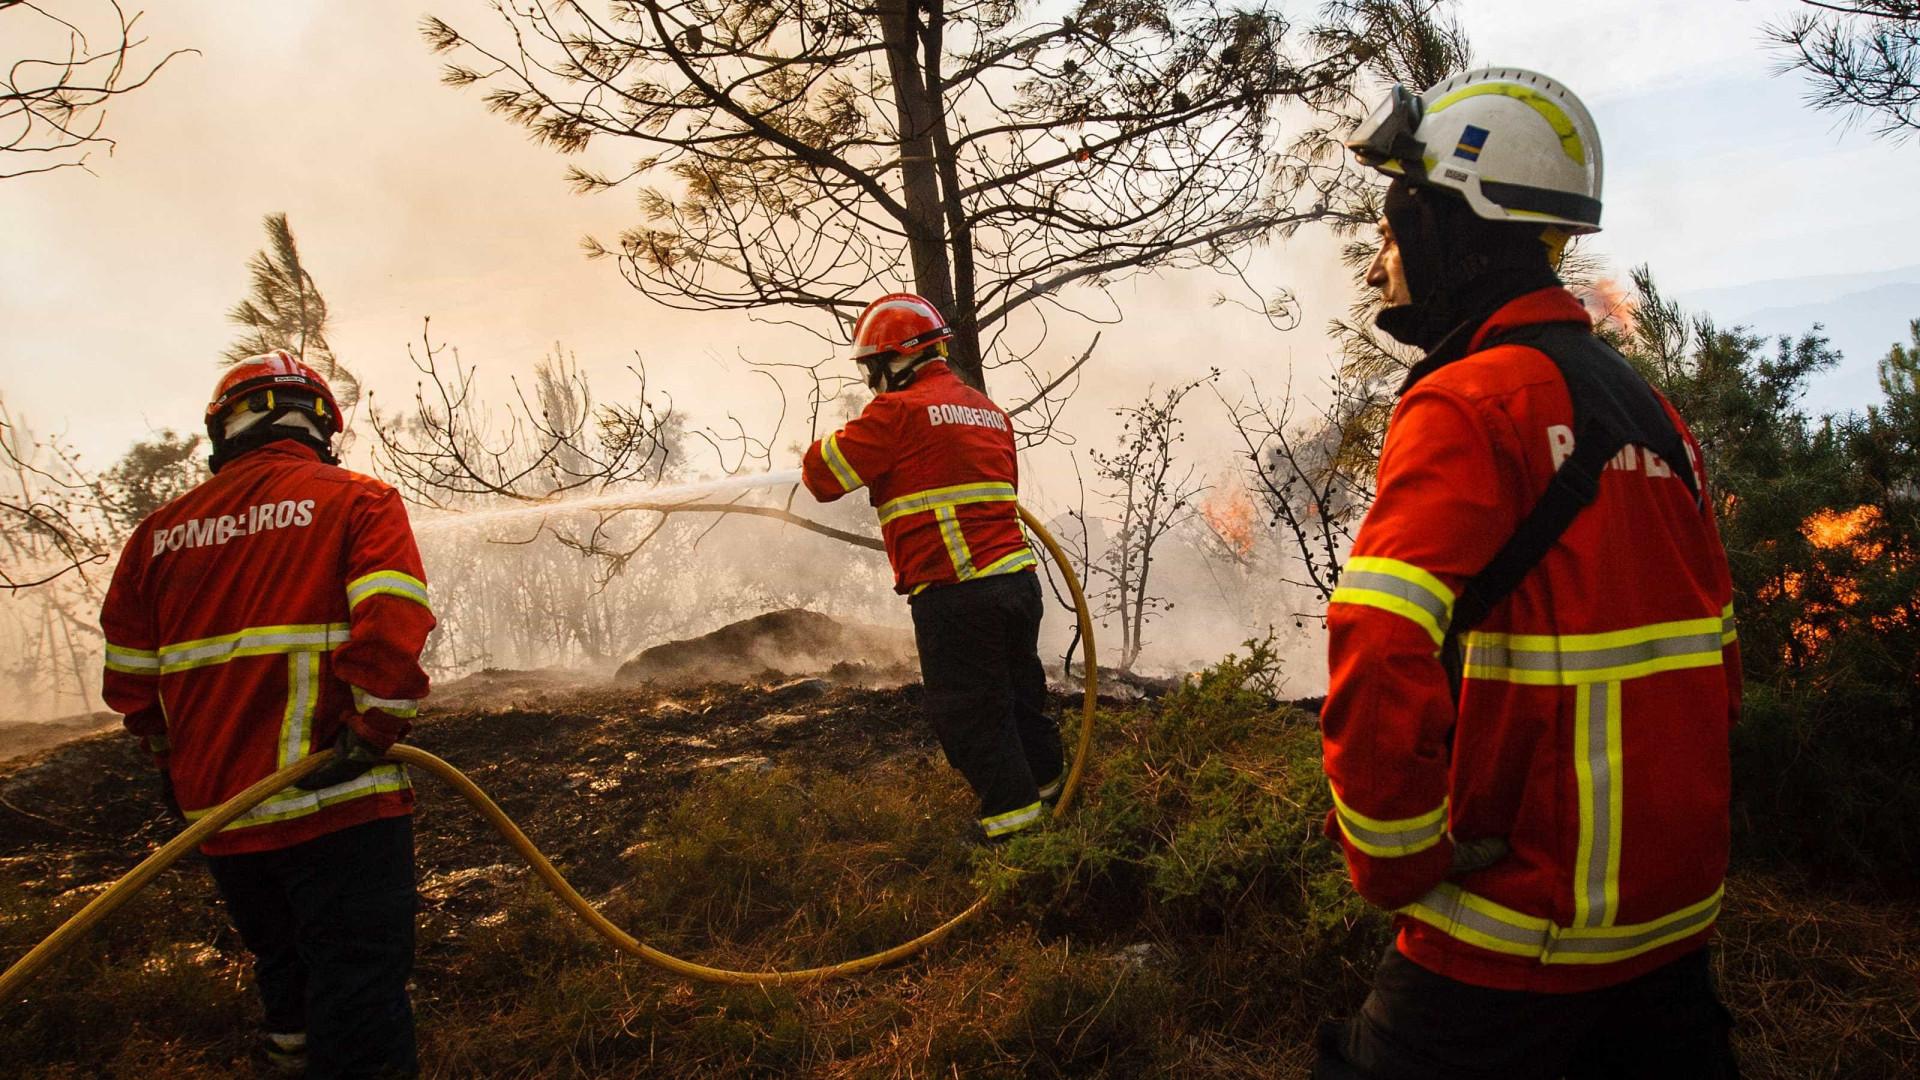 Fumo de incêndio condiciona circulação na A1 em Gaia